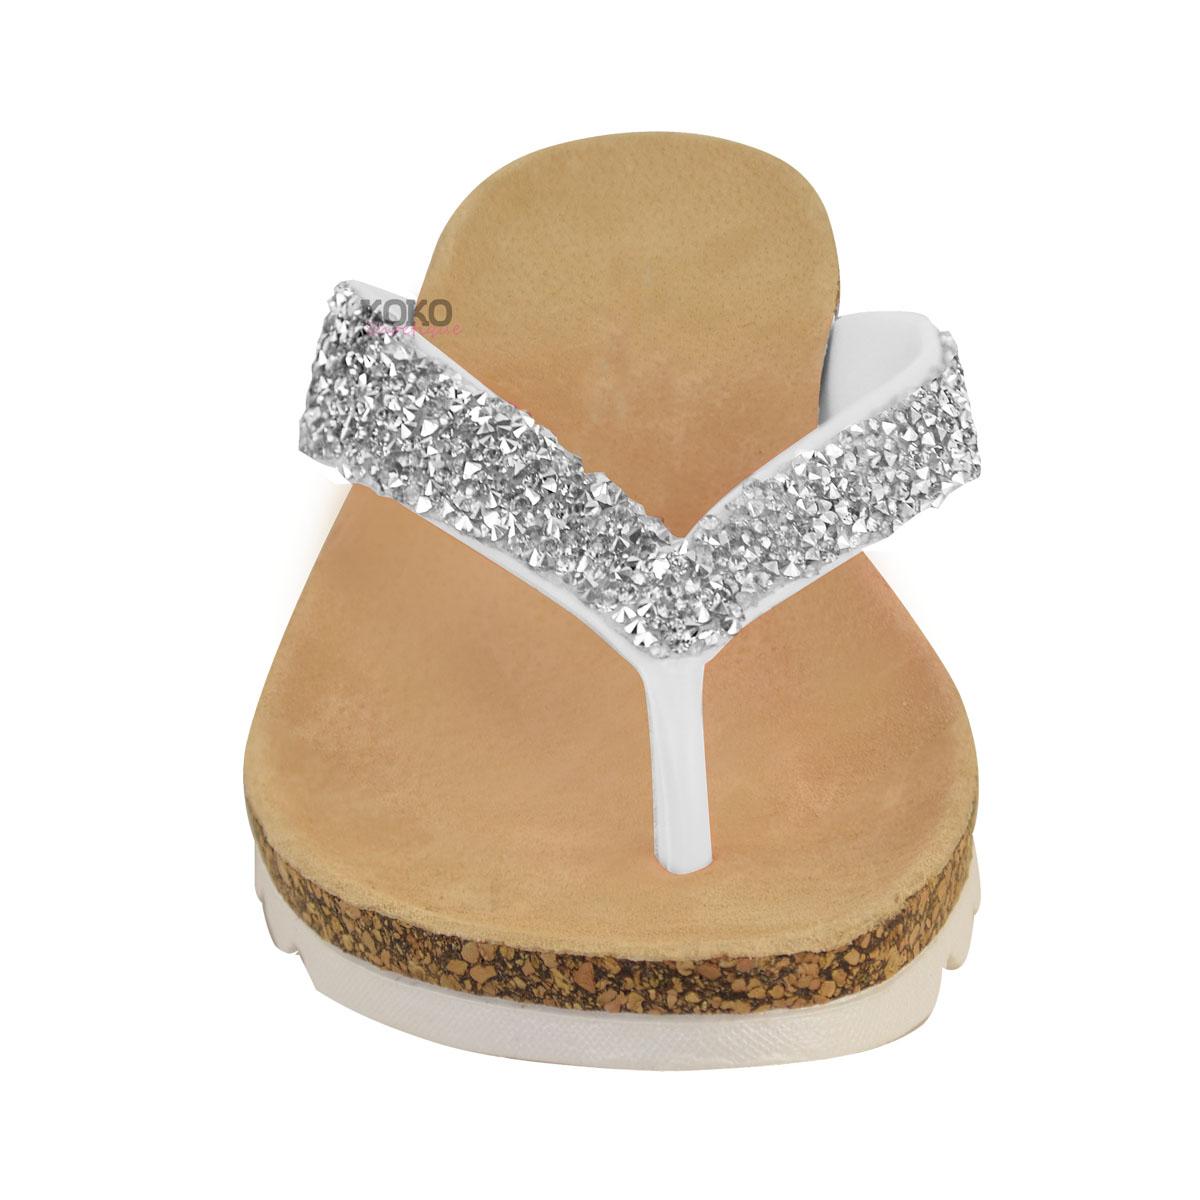 Damen Zehentrennersandalen - bequeme flache Sandalen mit gepolsterter Gel-Sohle - Schwarz Glitzer - EUR 38 QNiVh4yXKu